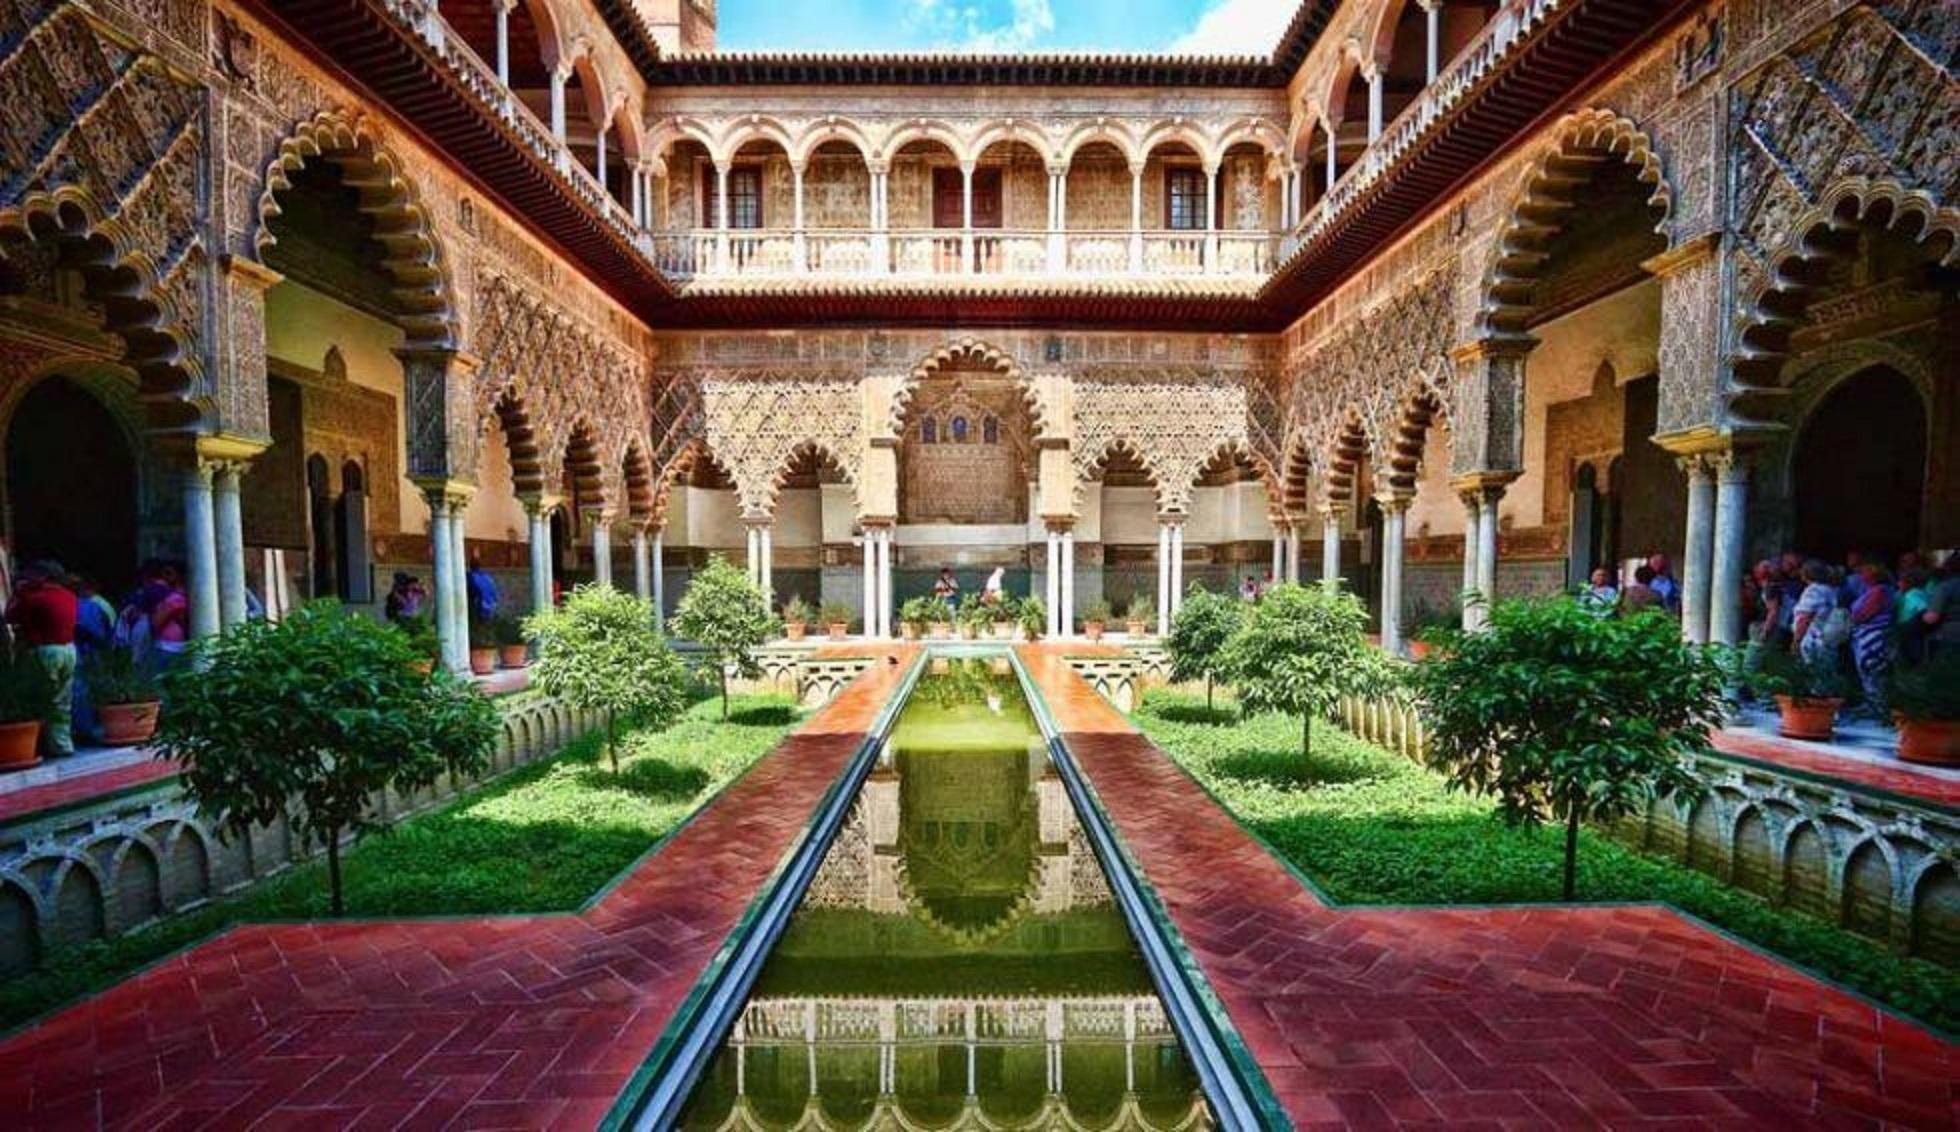 Real alcazar de sevilla andalunet portail sevilla for Cuarto real alcazar sevilla